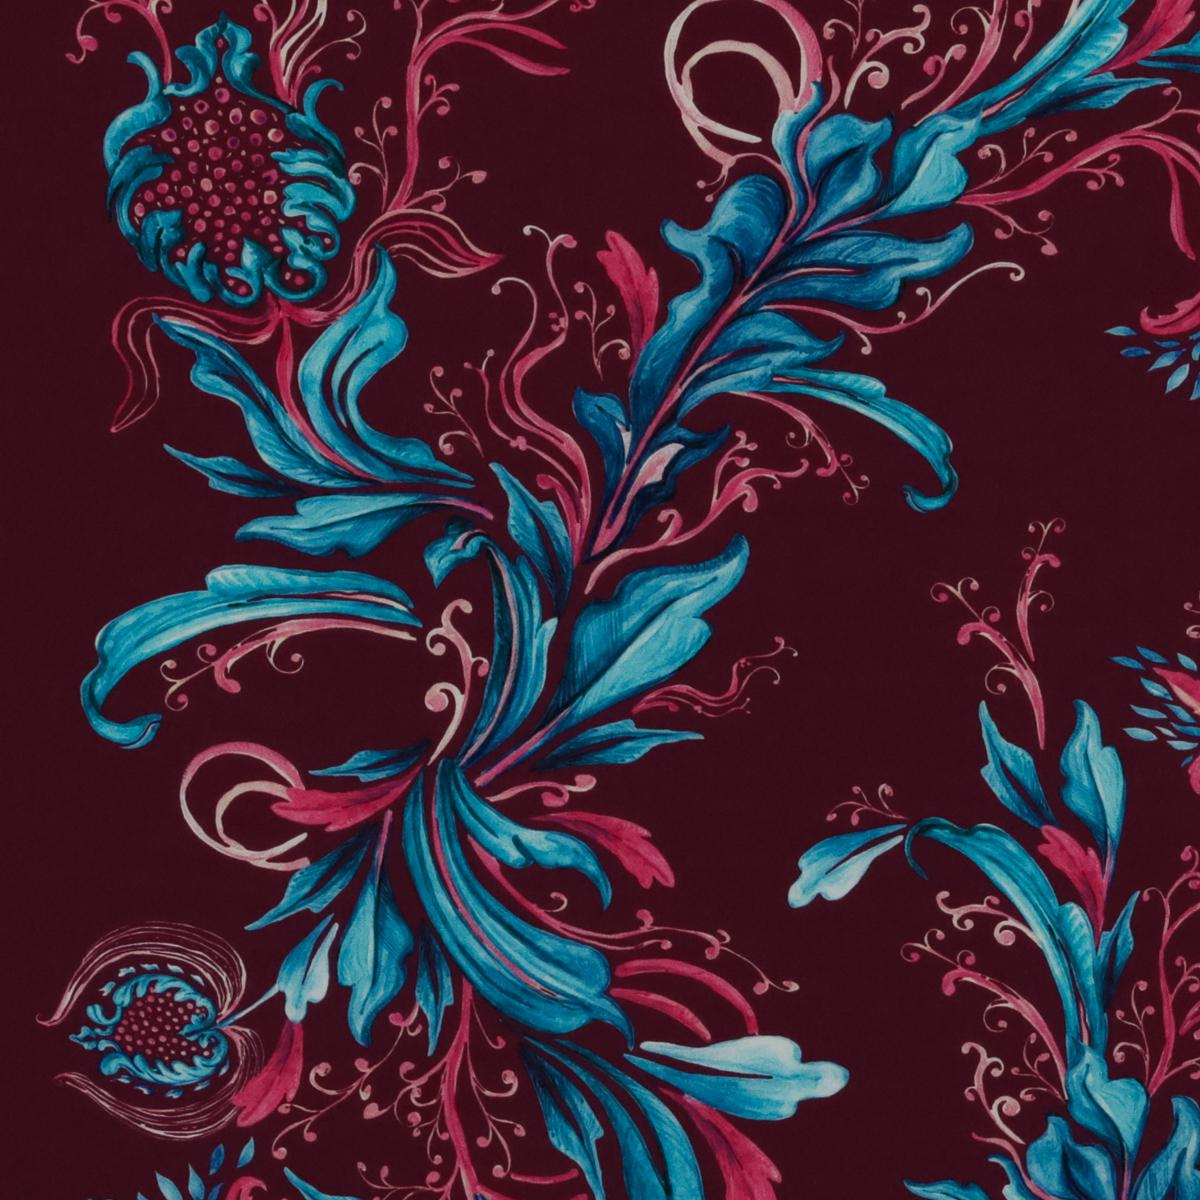 Шёлковый крепдешин тёмно-малинового цвета с лазурными стеблями